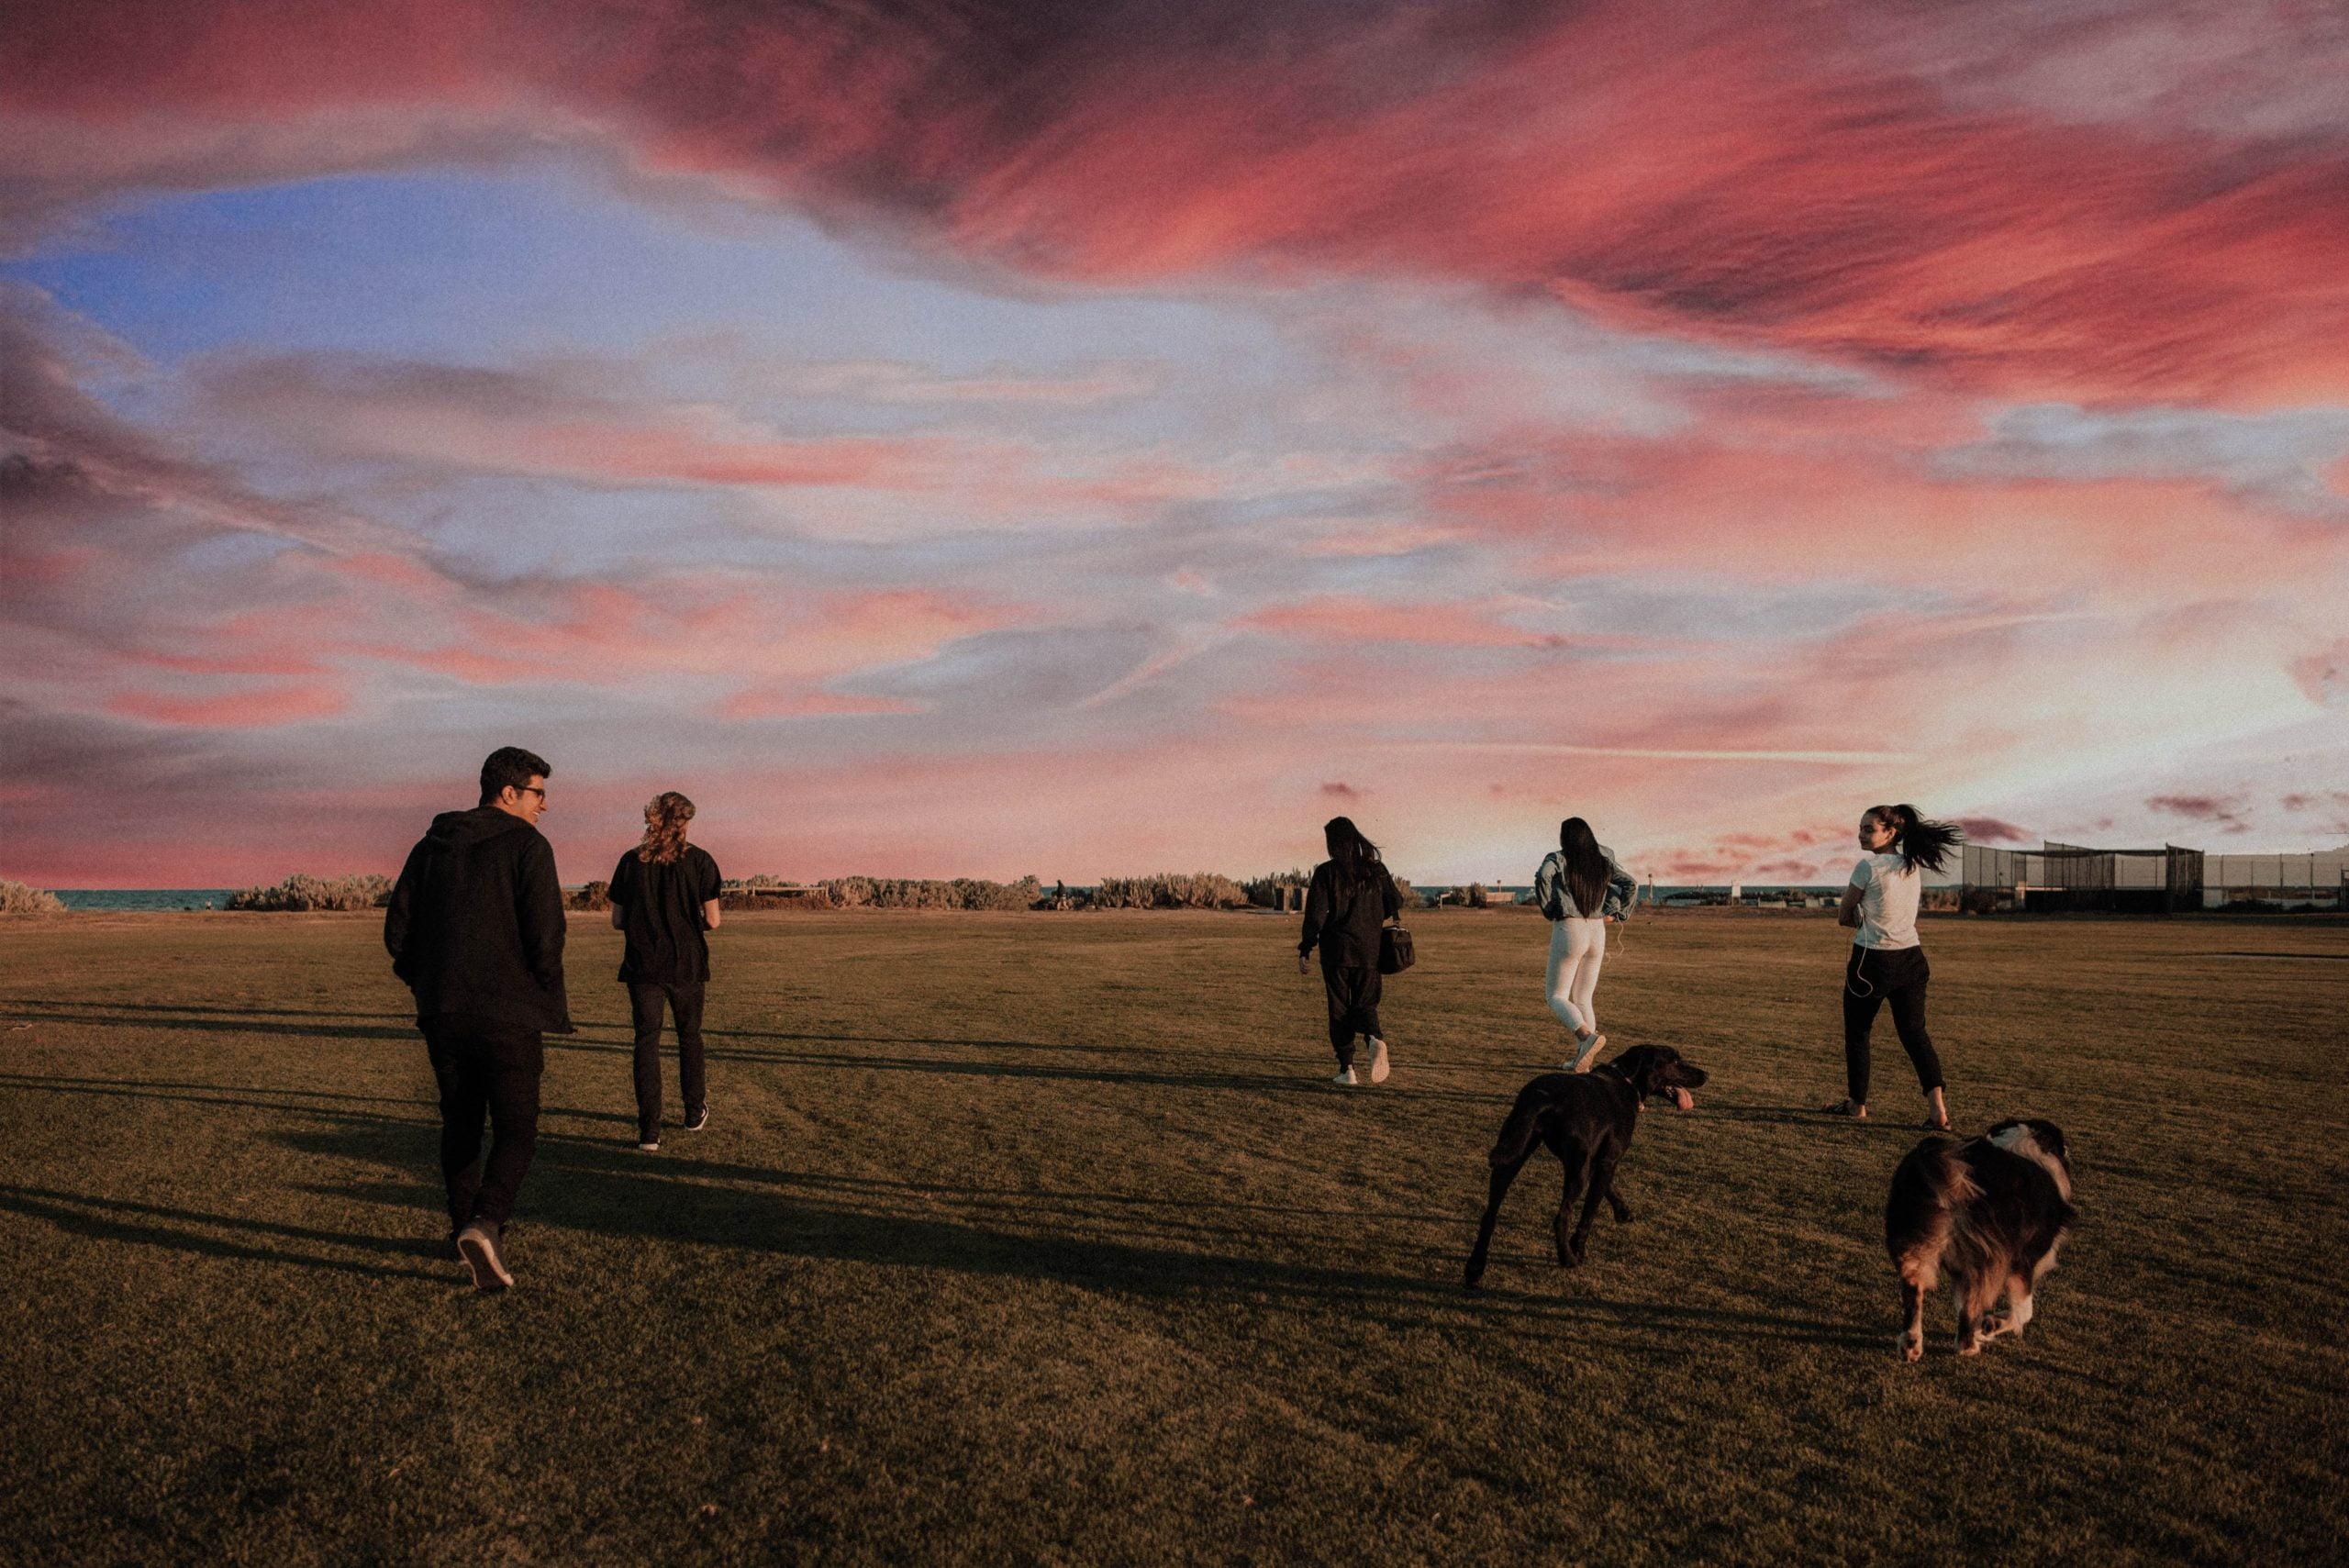 Paseo grupal con perros: 6 consejos para prepararlo para una caminata en grupo 1